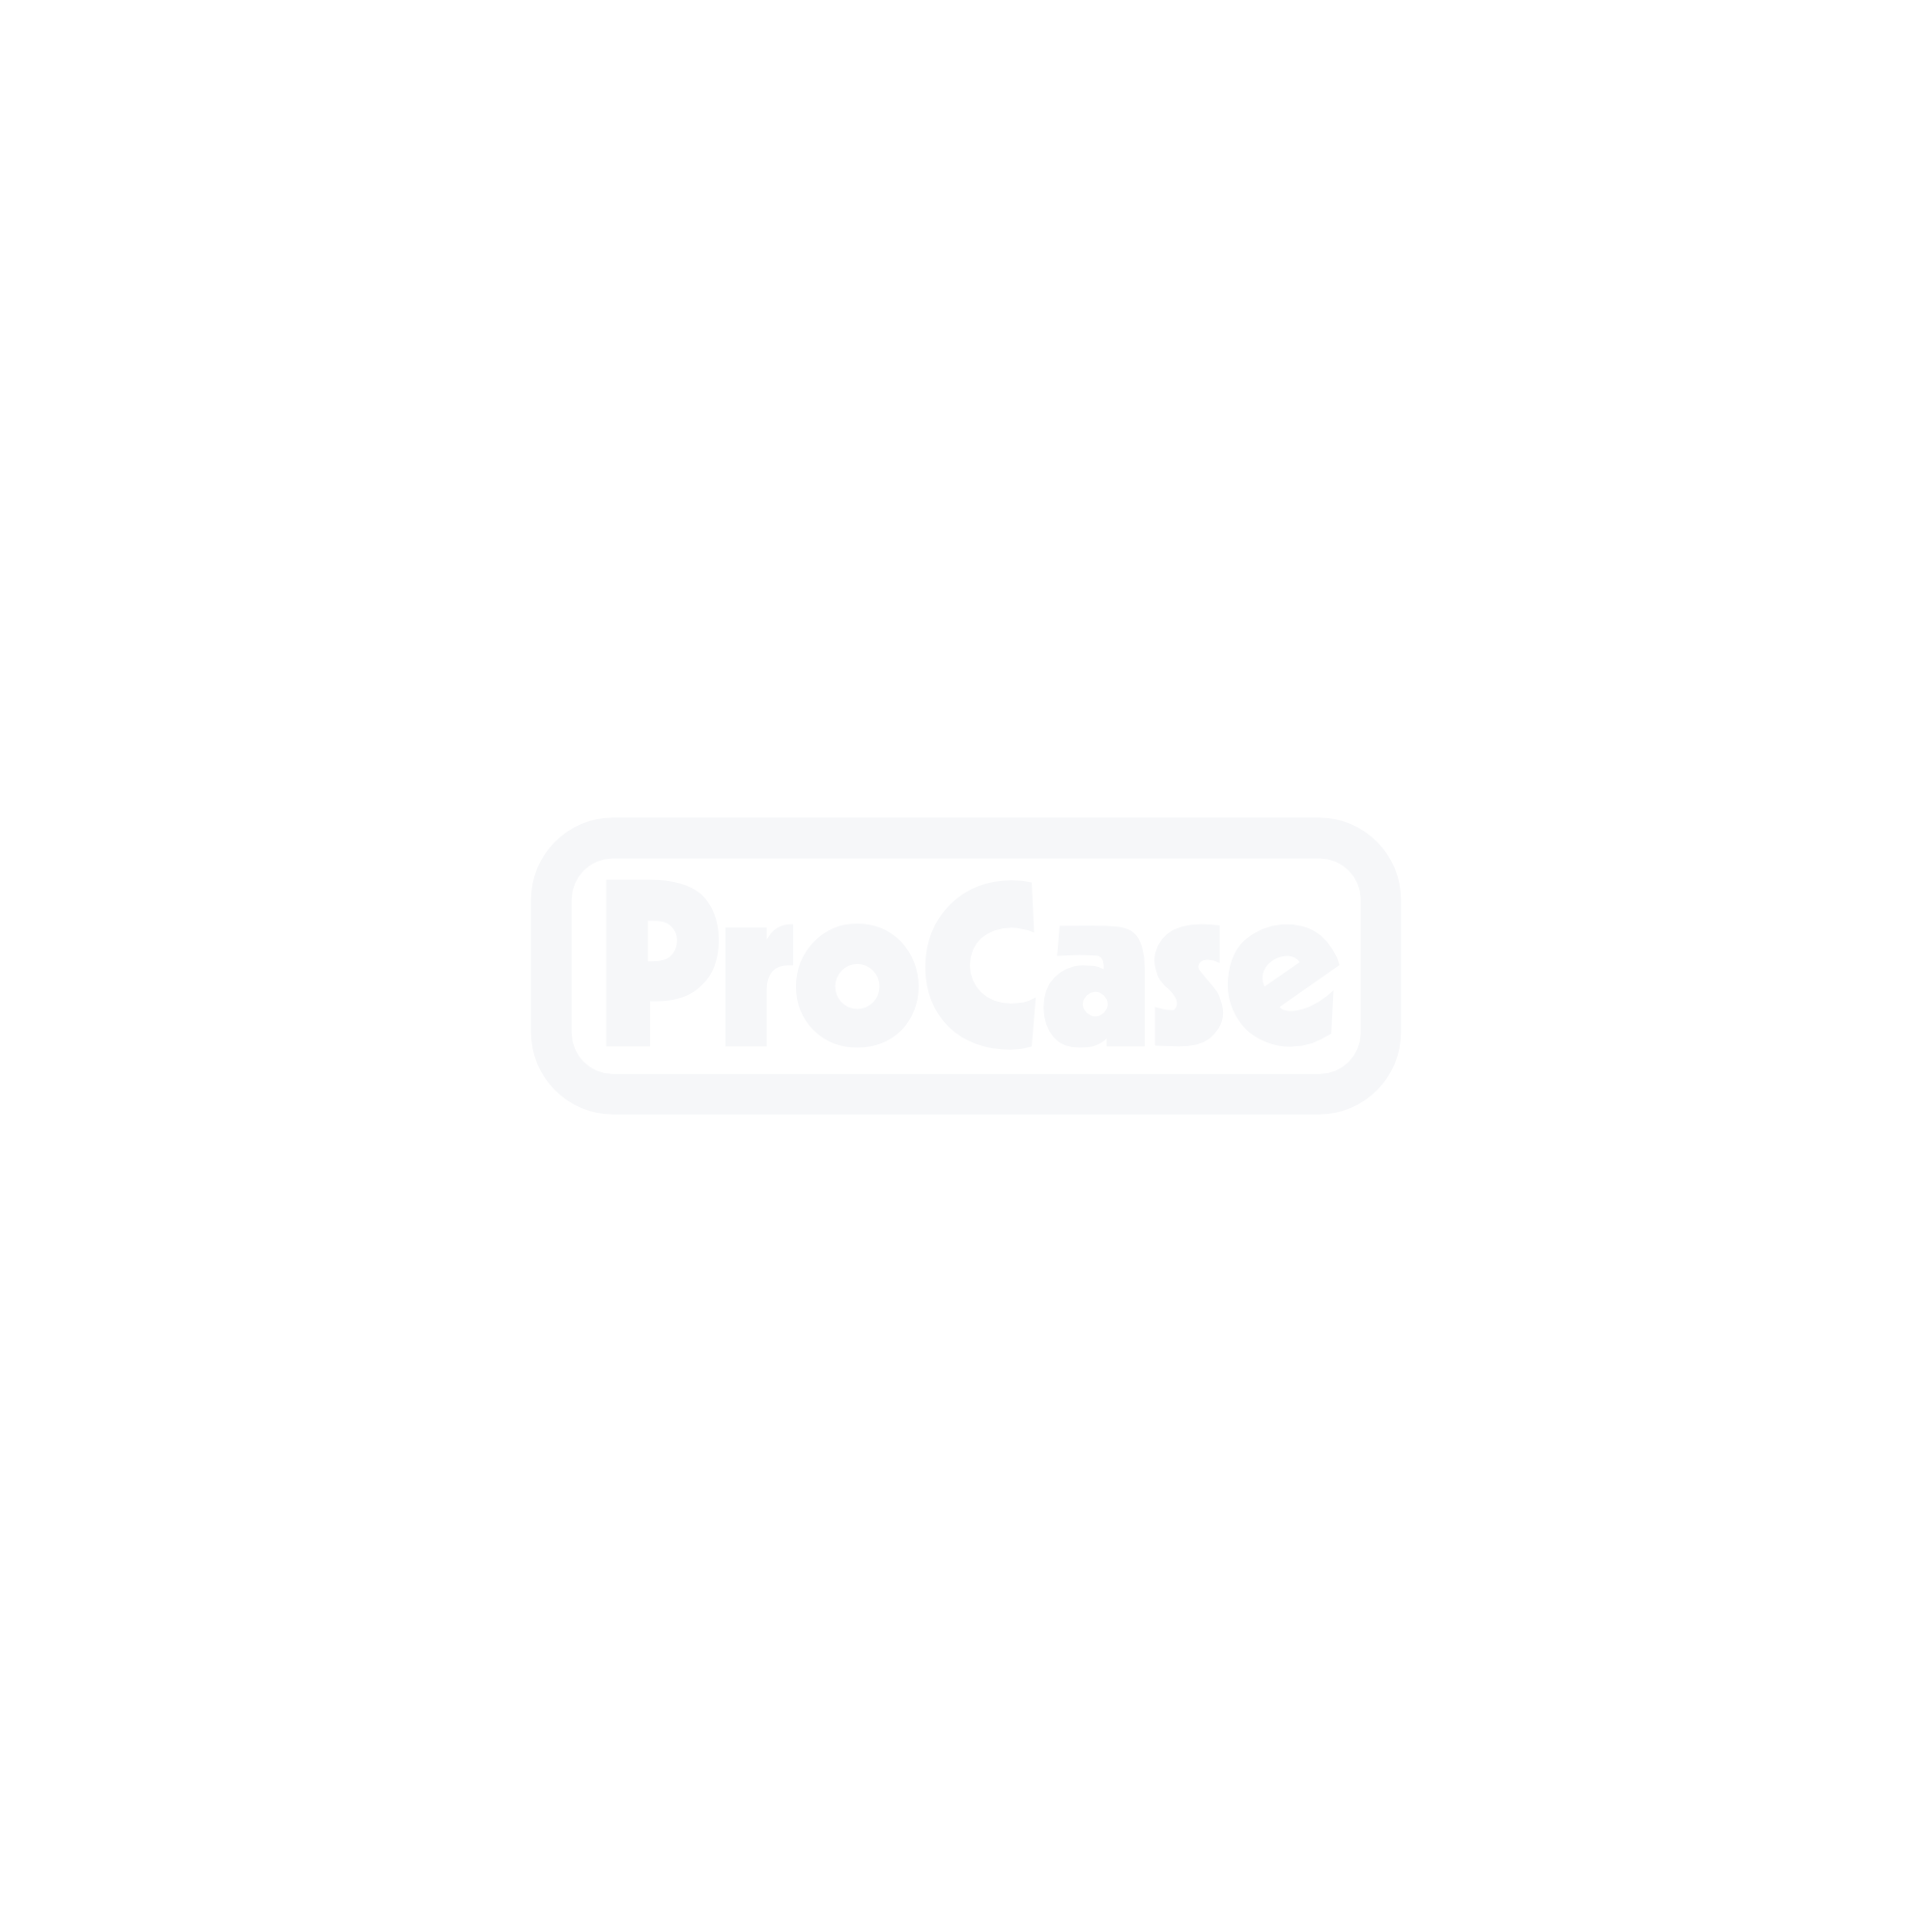 SKB 3i Koffer 2317-14 leer mit Trolley 2